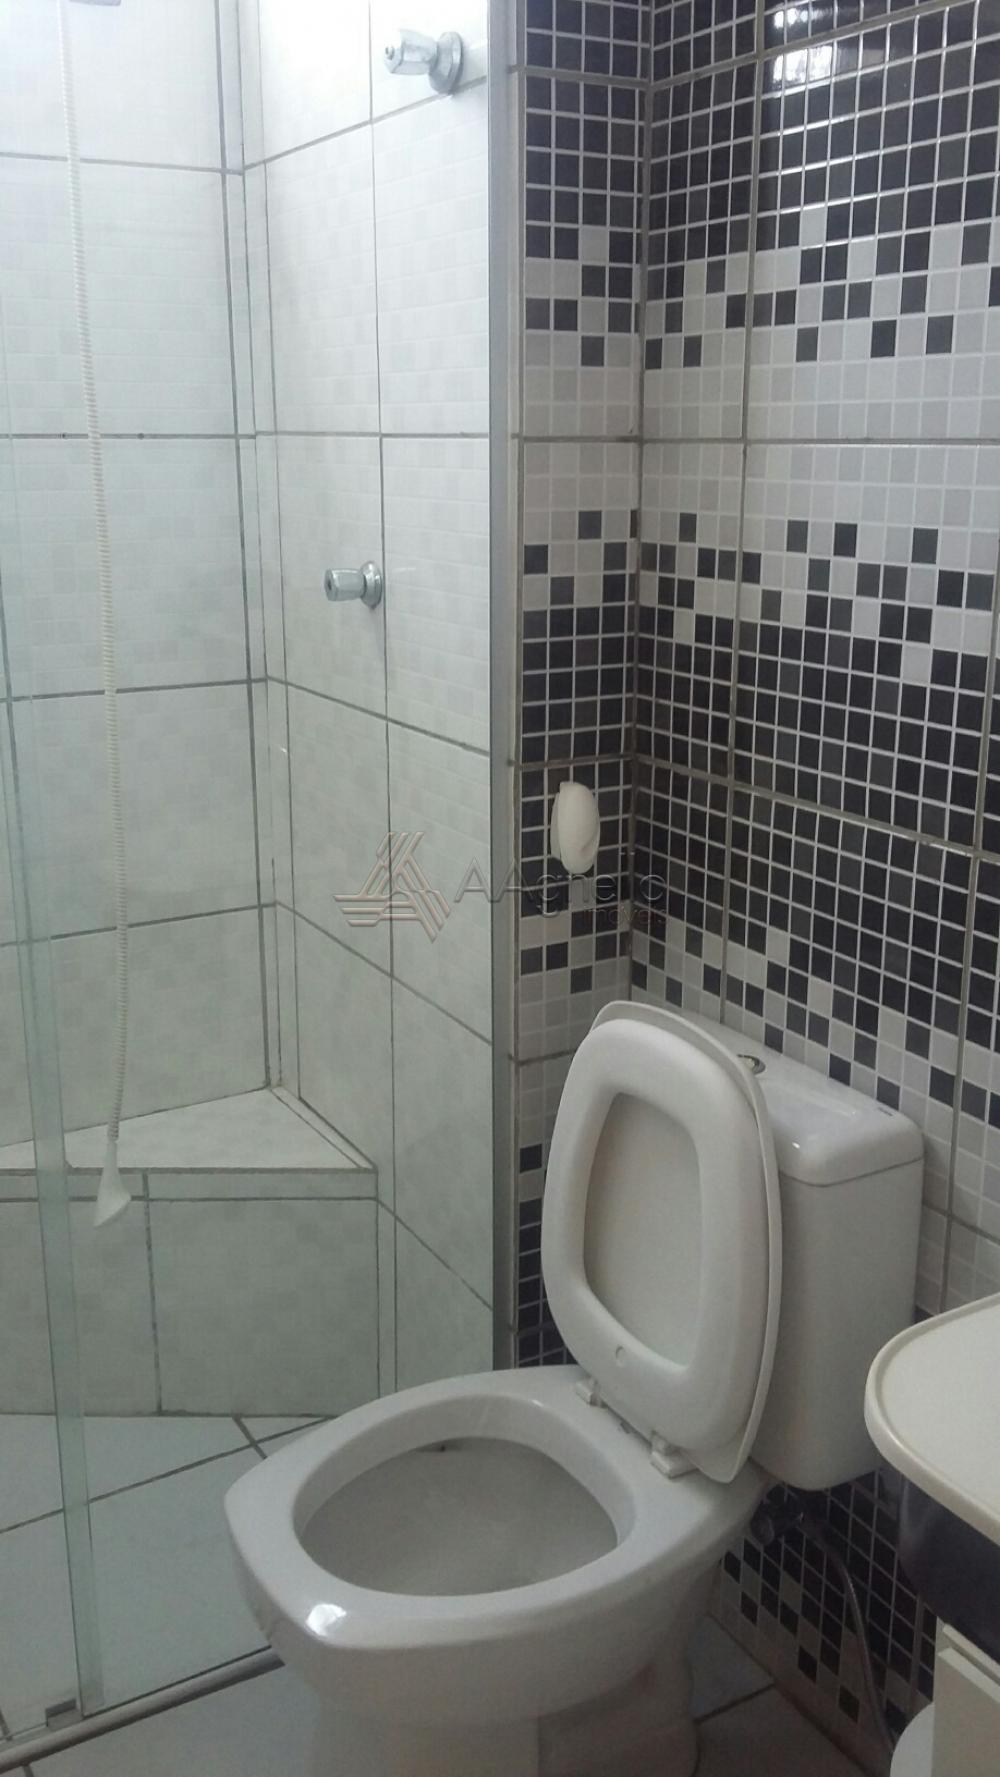 Comprar Apartamento / Padrão em Franca apenas R$ 110.000,00 - Foto 6